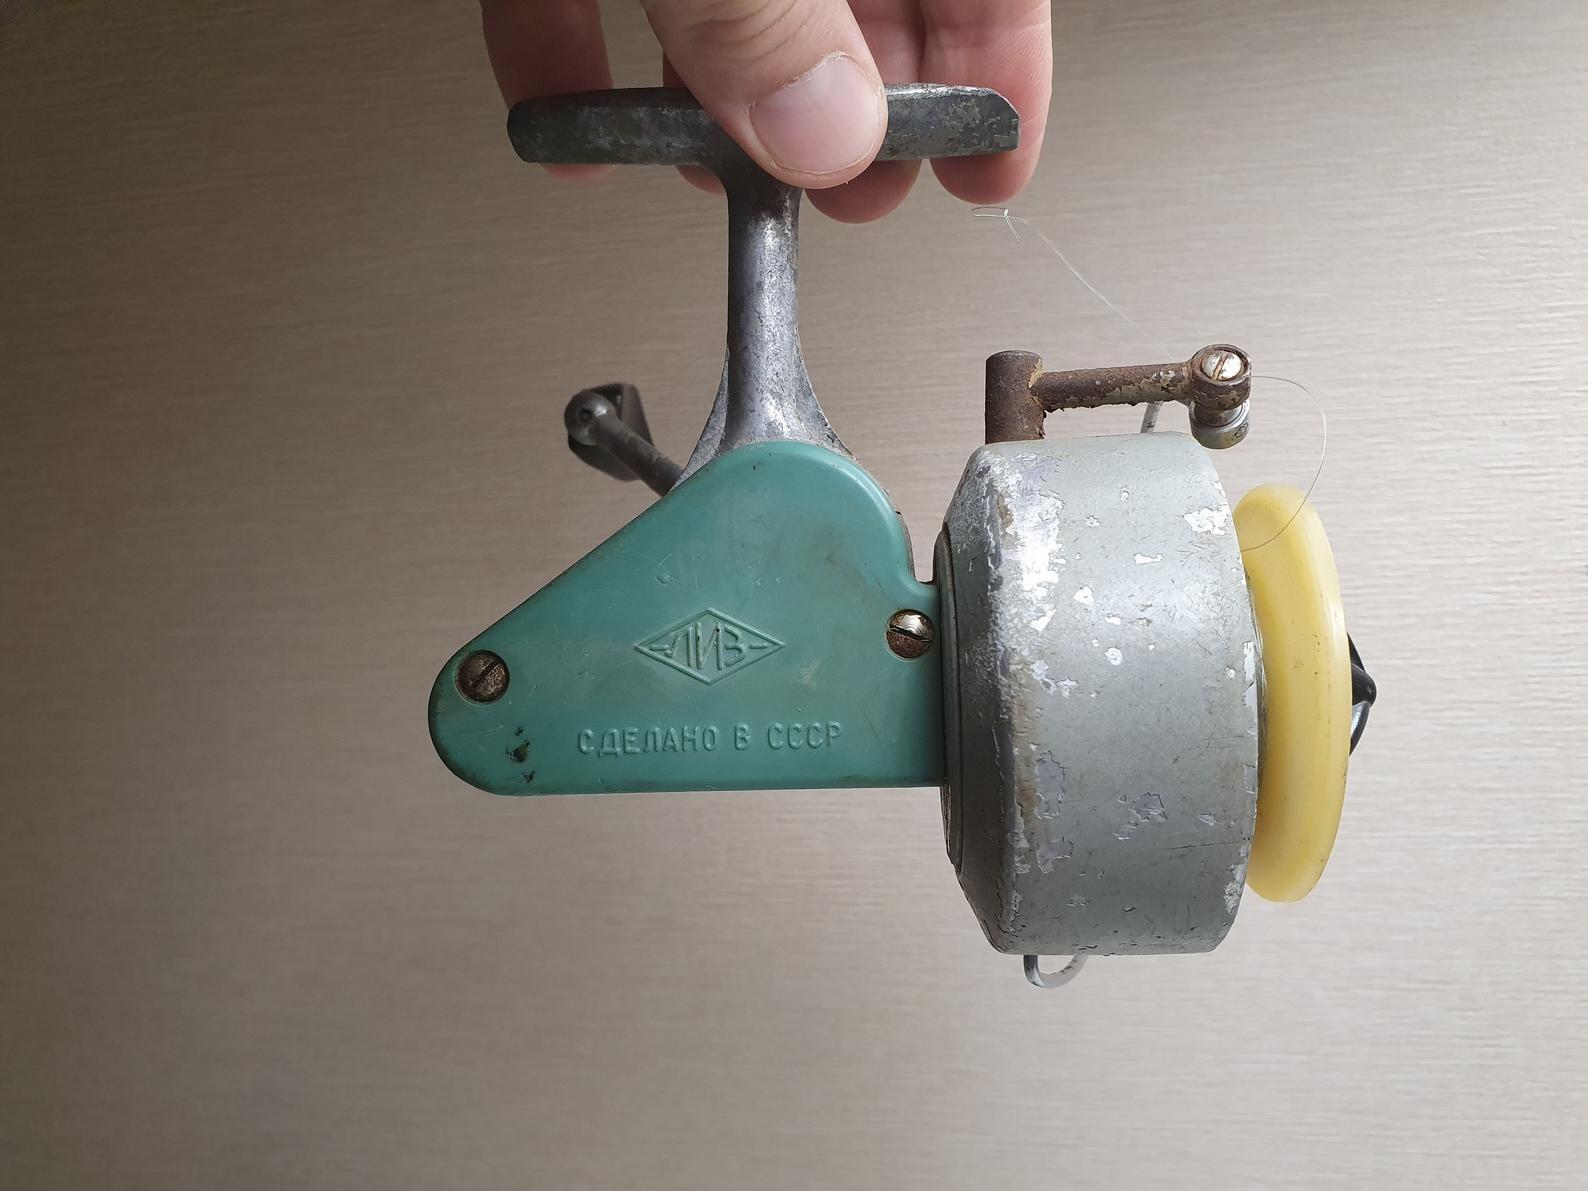 Old fishing reels Soviet Era Spinning fishing reel Rare Soviet fishing reel Vintage fishing reel dolphin USSR Fishing Fly fishing reel